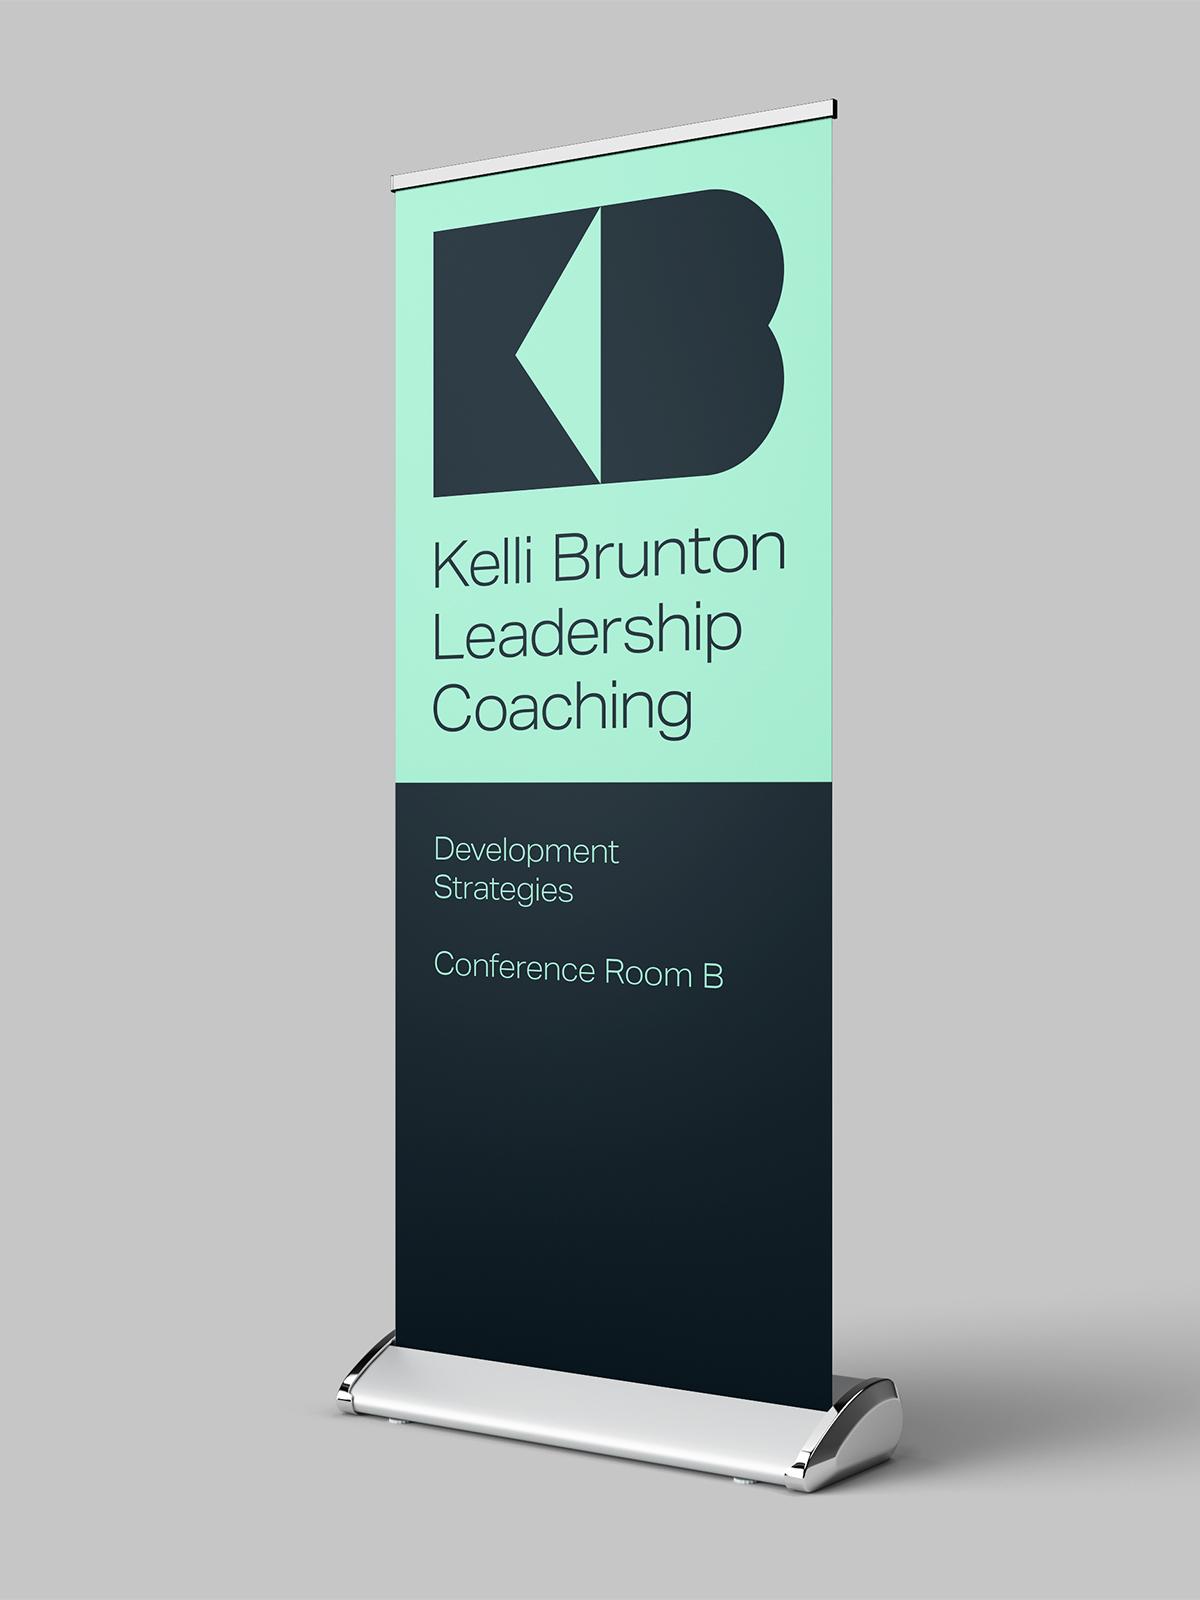 KBLC event banner